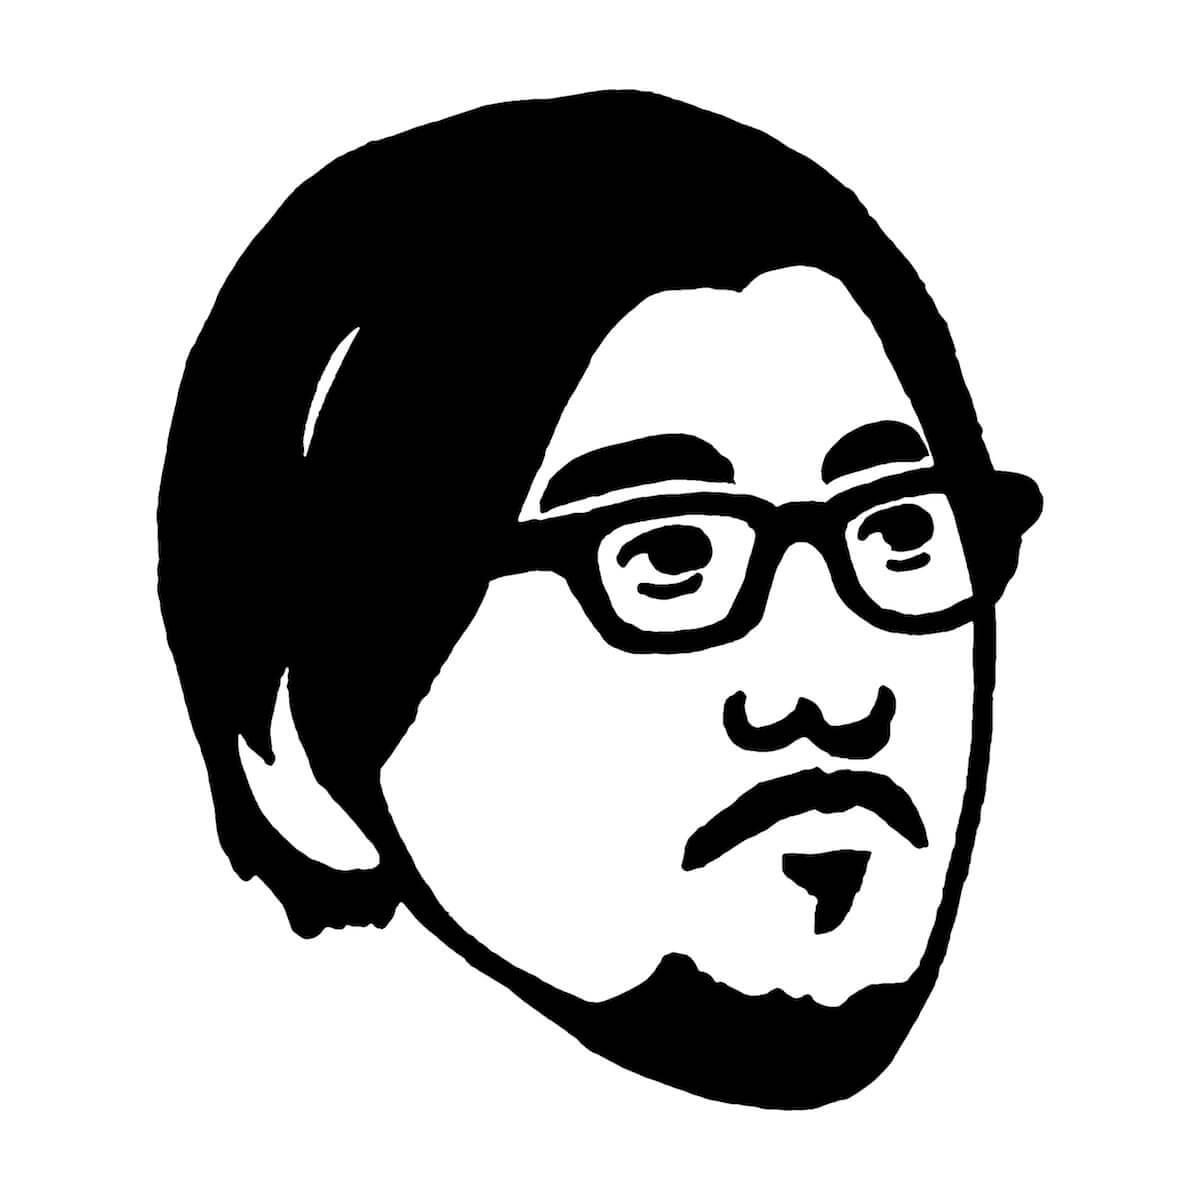 冨田ラボが2018年も始動|長岡亮介とNazが参加の両A面シングルを8月にリリース&11月にはワンマンライブも music180704_tomitalab_2-1200x1200